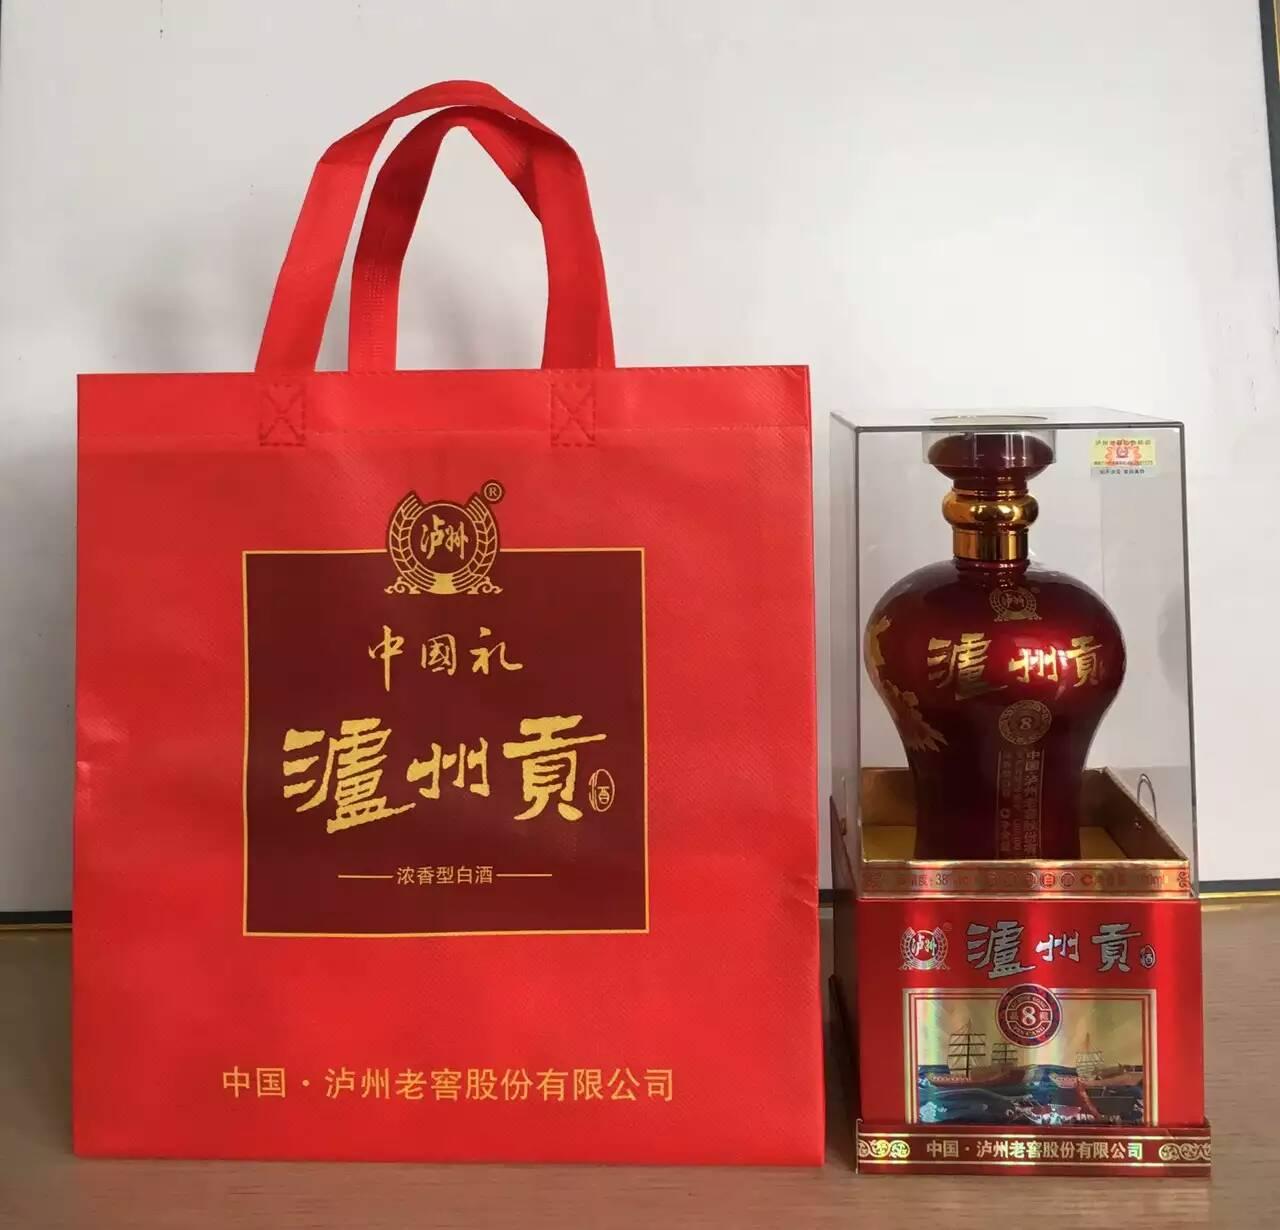 白酒 包装 包装设计 购物纸袋 酒 纸袋 1280_1230